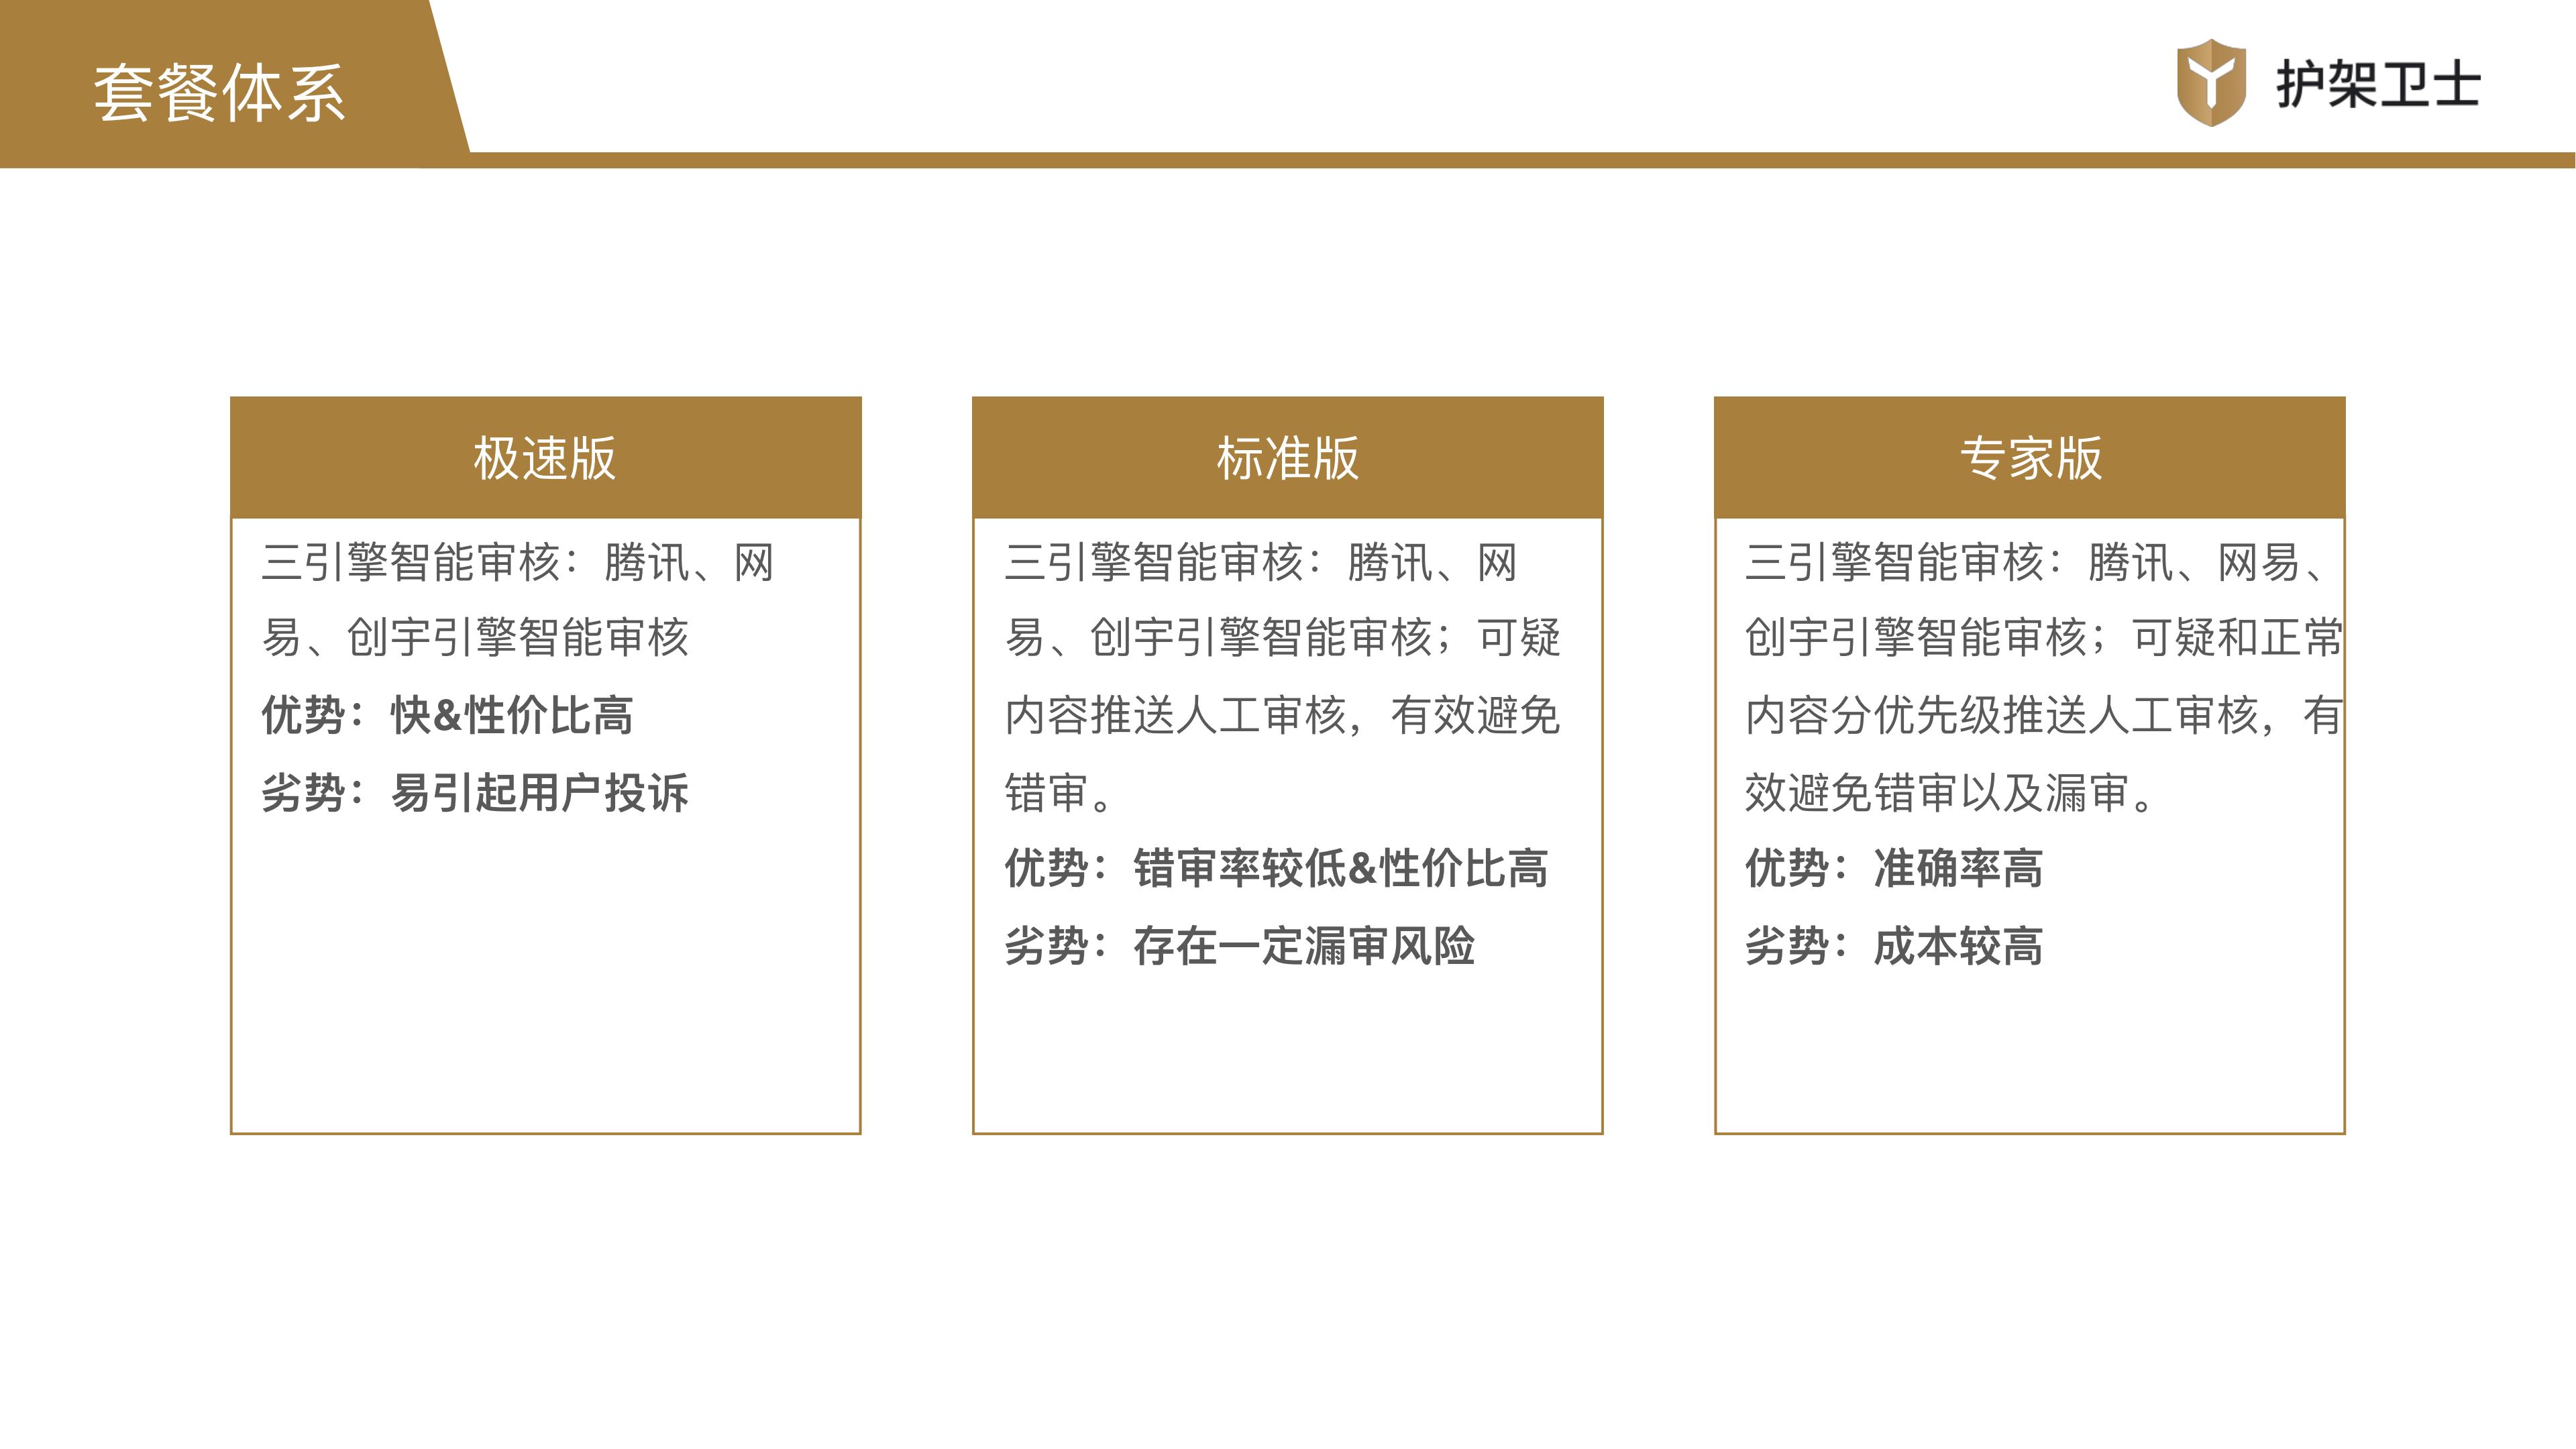 护架卫士产品介绍1.2_25.png